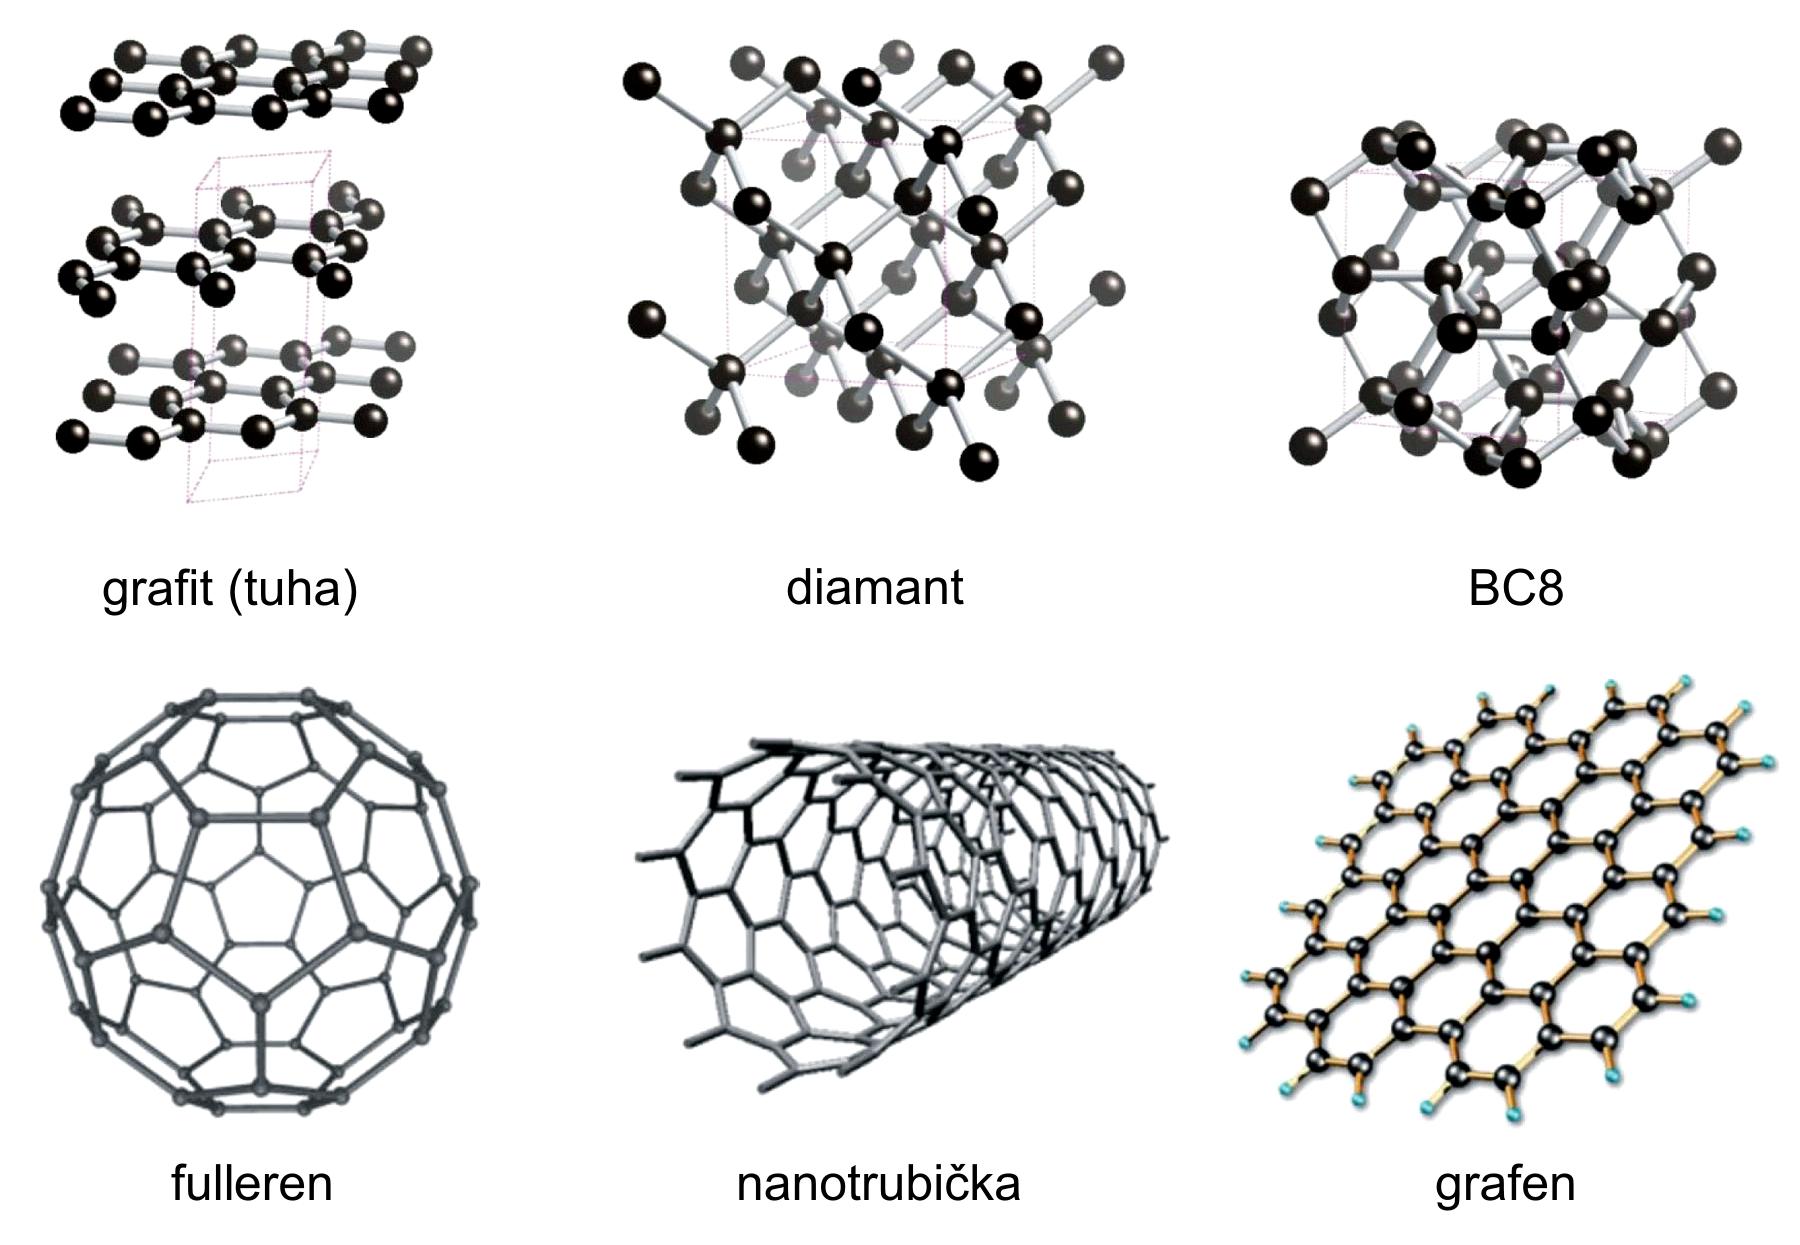 jak fungují fosilie obsahující uhlík